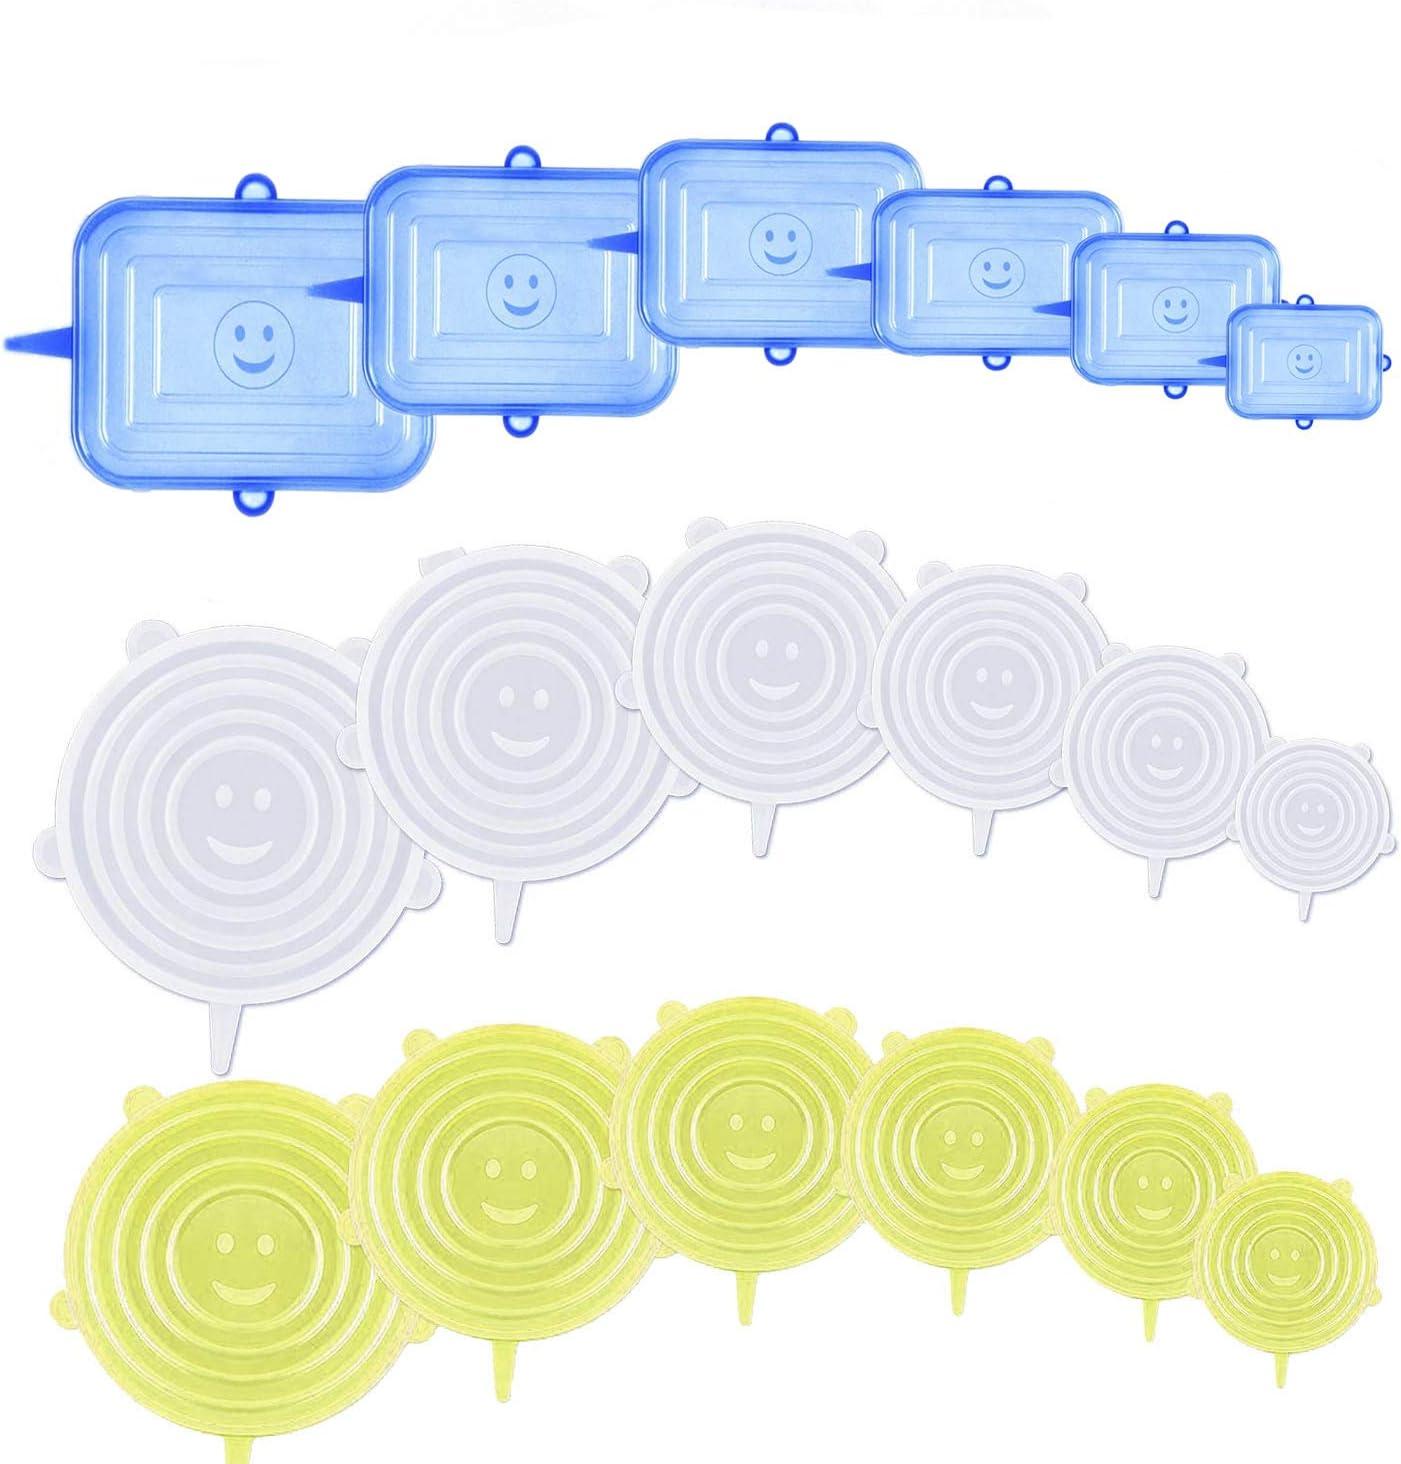 Gl/äSer.(Transparent und blau,12) Universal Silikon-Frischhalte-Deckel f/ür Sch/üSseln T/öPfe BPA Free Wiederverwendbar Silikon Abdeckung LIULIUKEJI Dehnbare Silikondeckel